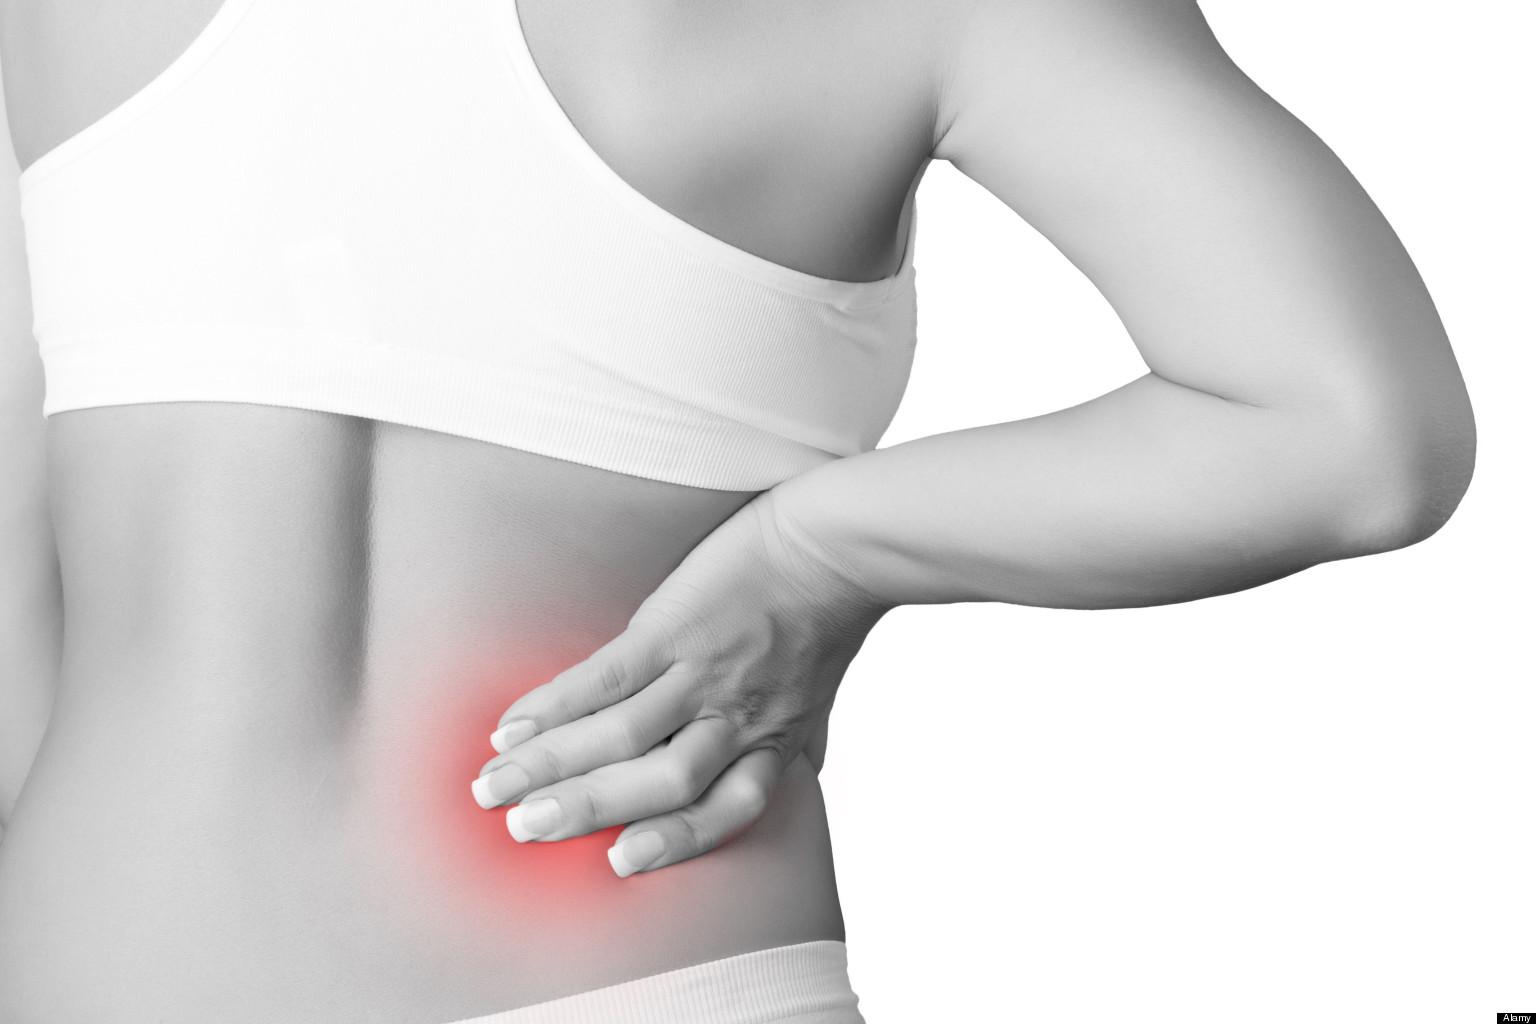 Symptôme hernie discale : Comment expliquer une hernie discale et comment reconnaître l'arrivée d'une nouvelle crise